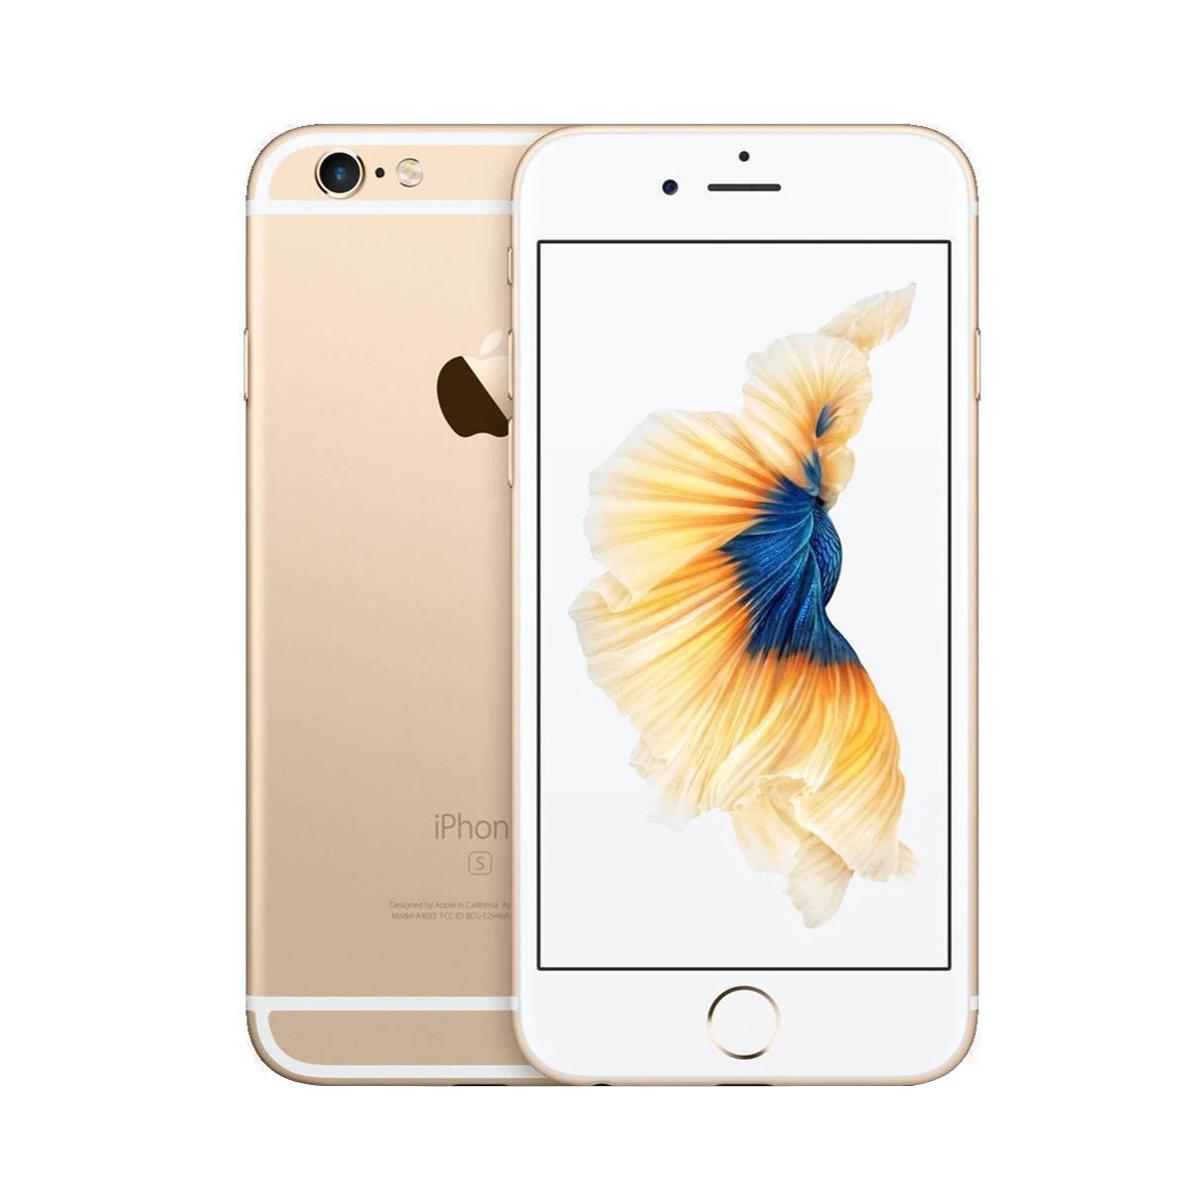 Apple iPhone 6s Plus 128gb Tela 5.5' Cam 12mp - Mostruário